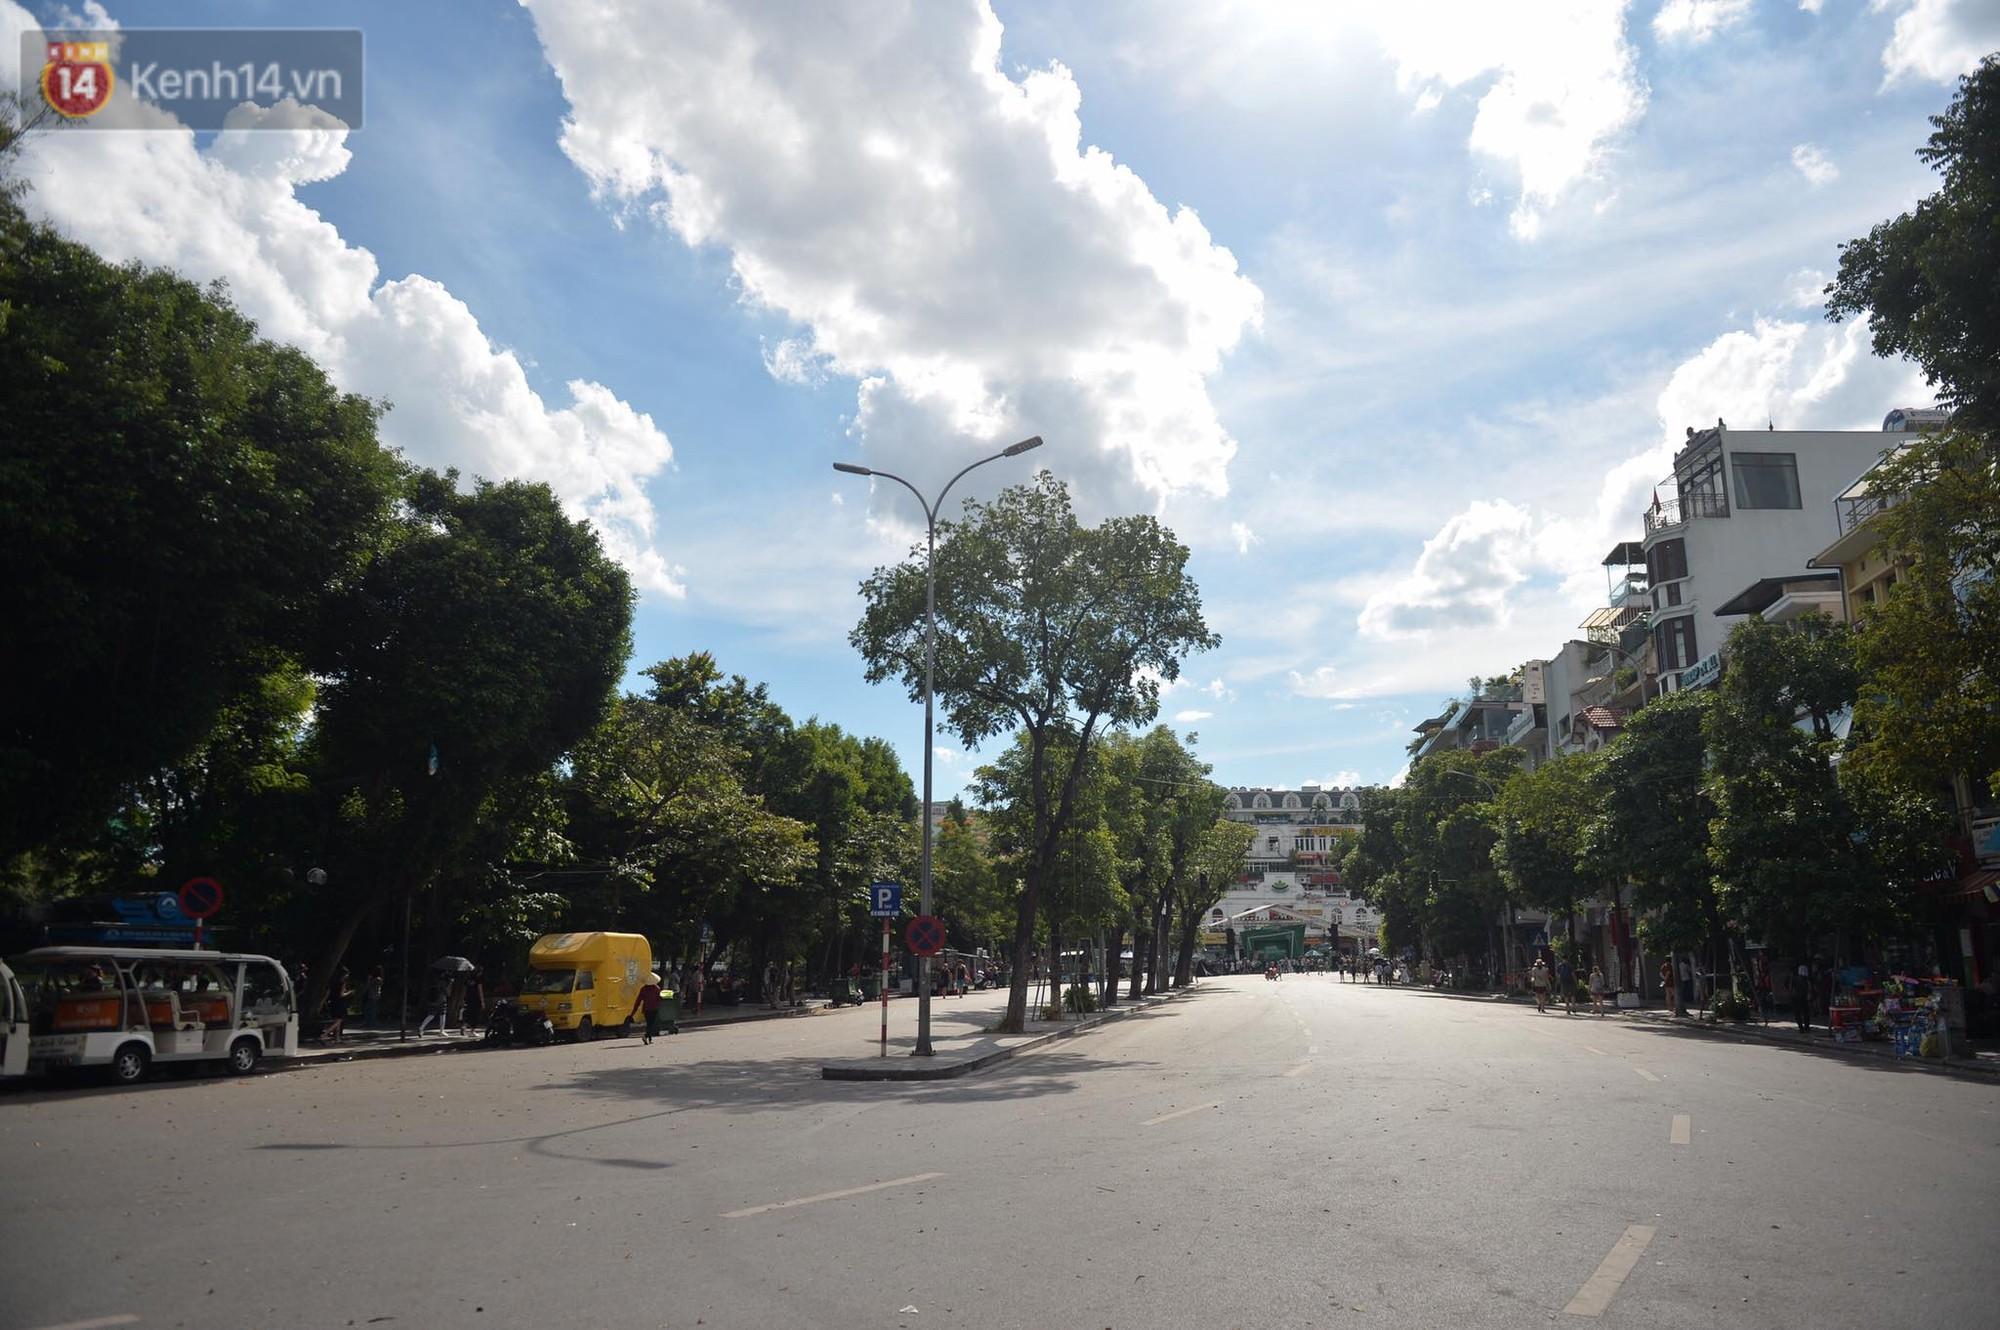 Phố đi bộ vắng tanh gần cuối giờ chiều, nhiệt độ đỉnh điểm ở Hà Nội lên tới 44 độ C 4